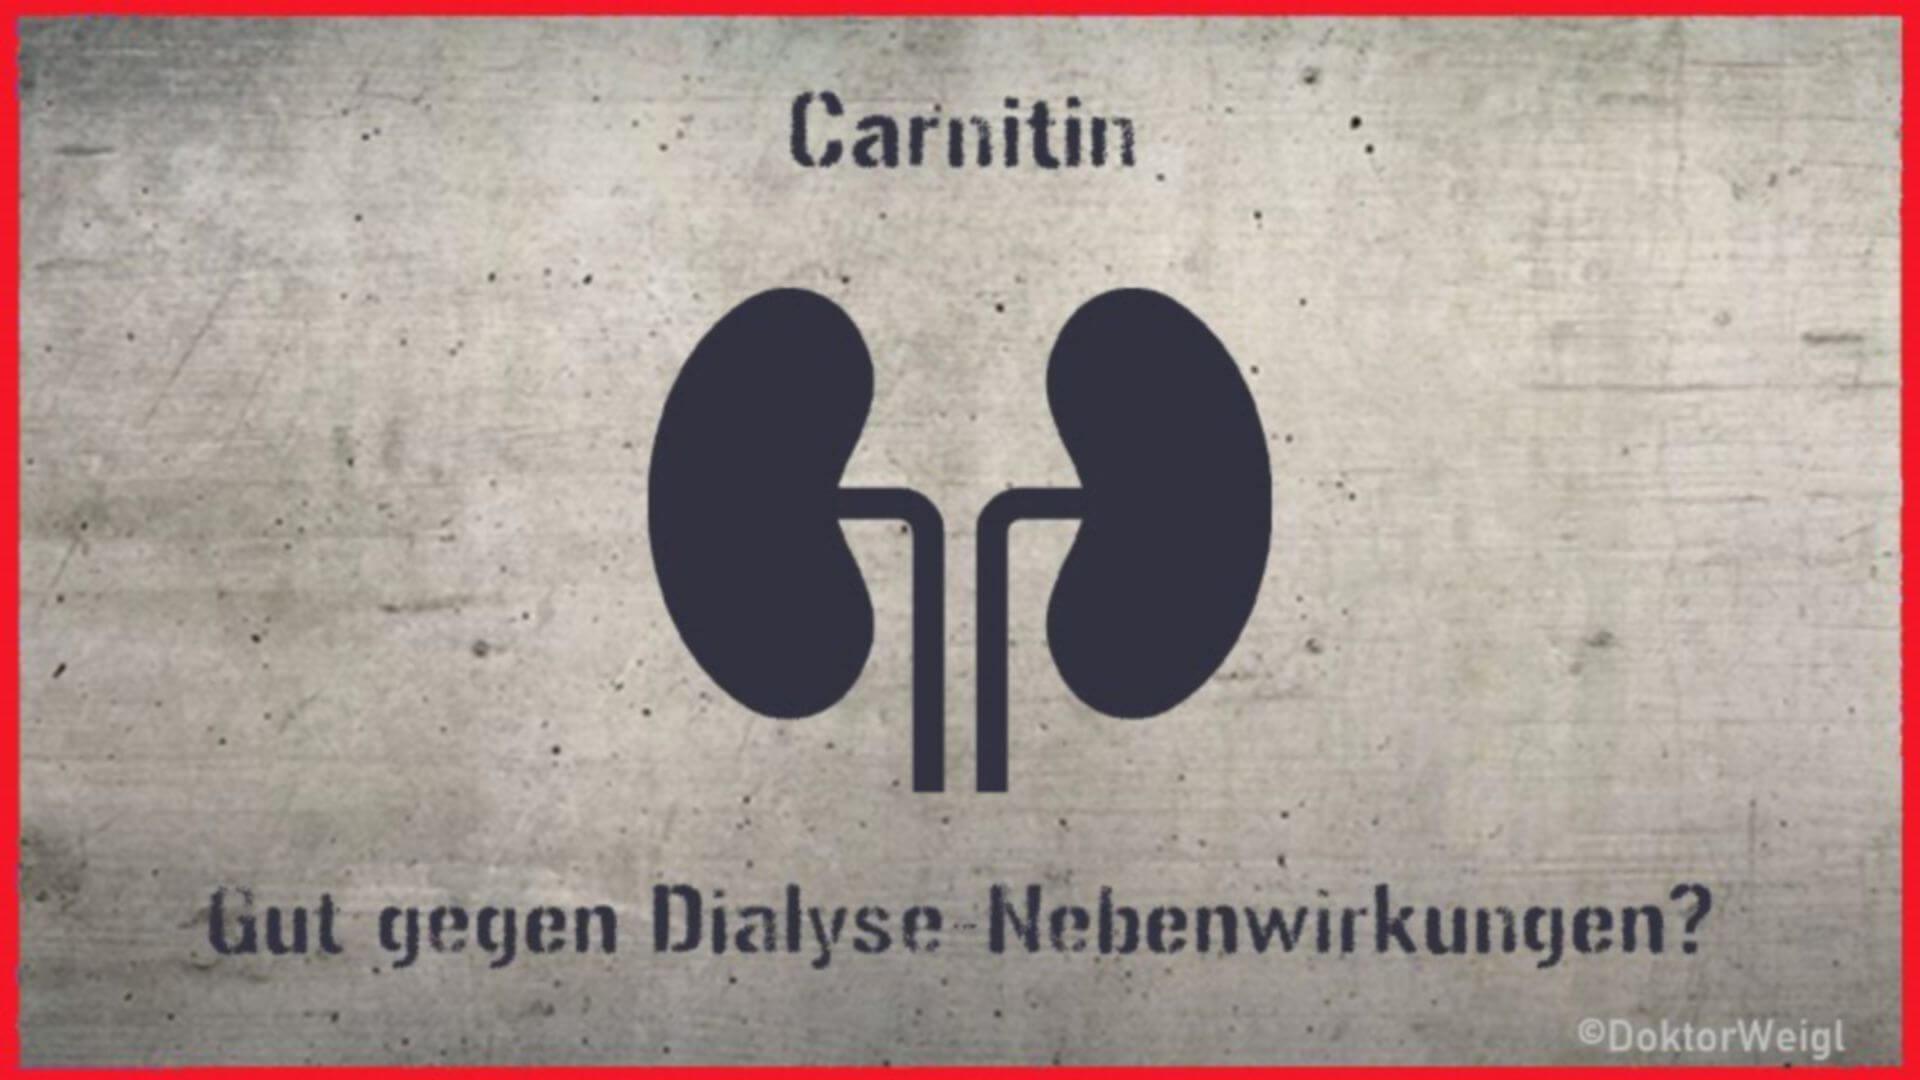 L-Carnitin bei Dialysepatienten – senkt es die Nebenwirkungen?